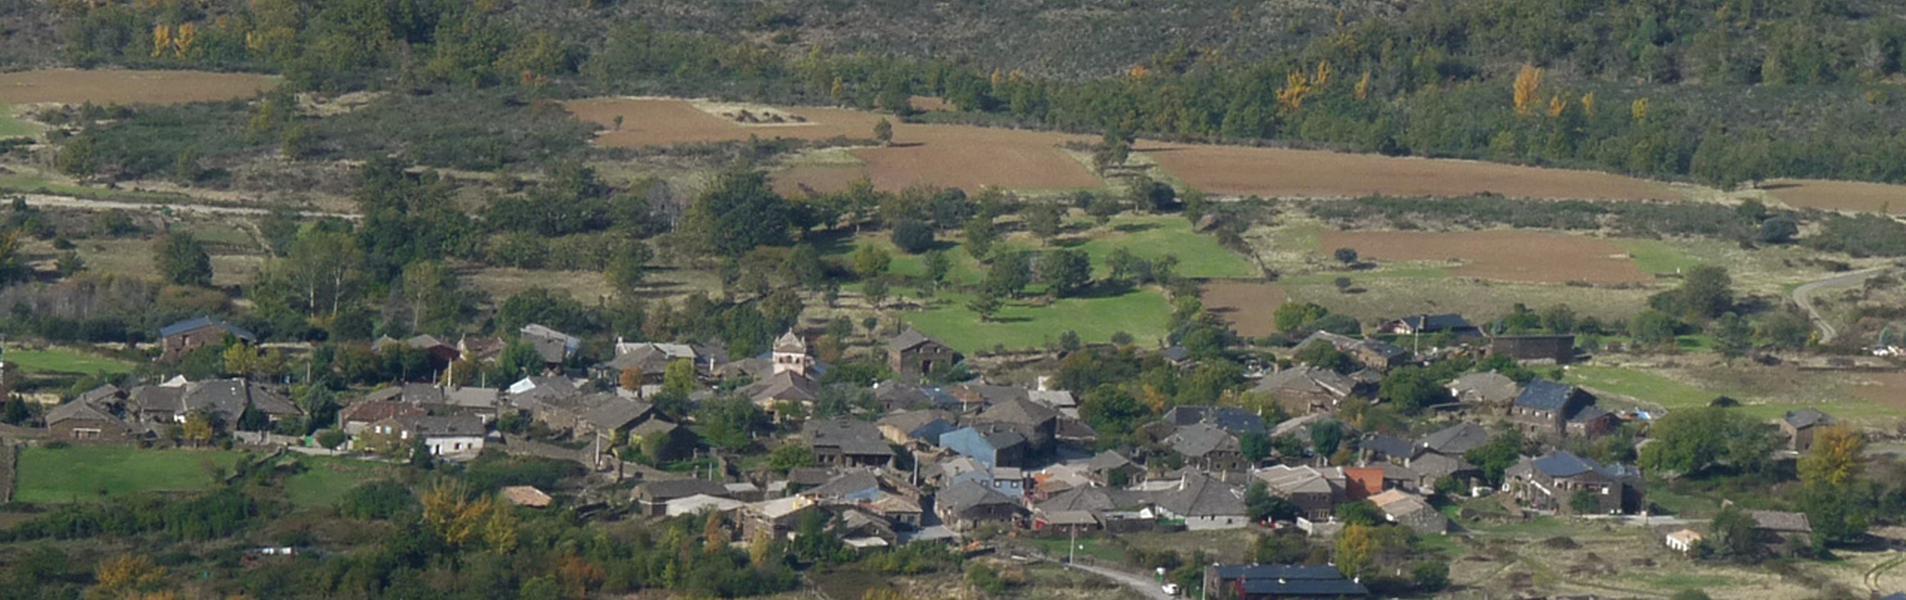 Majaelrayo